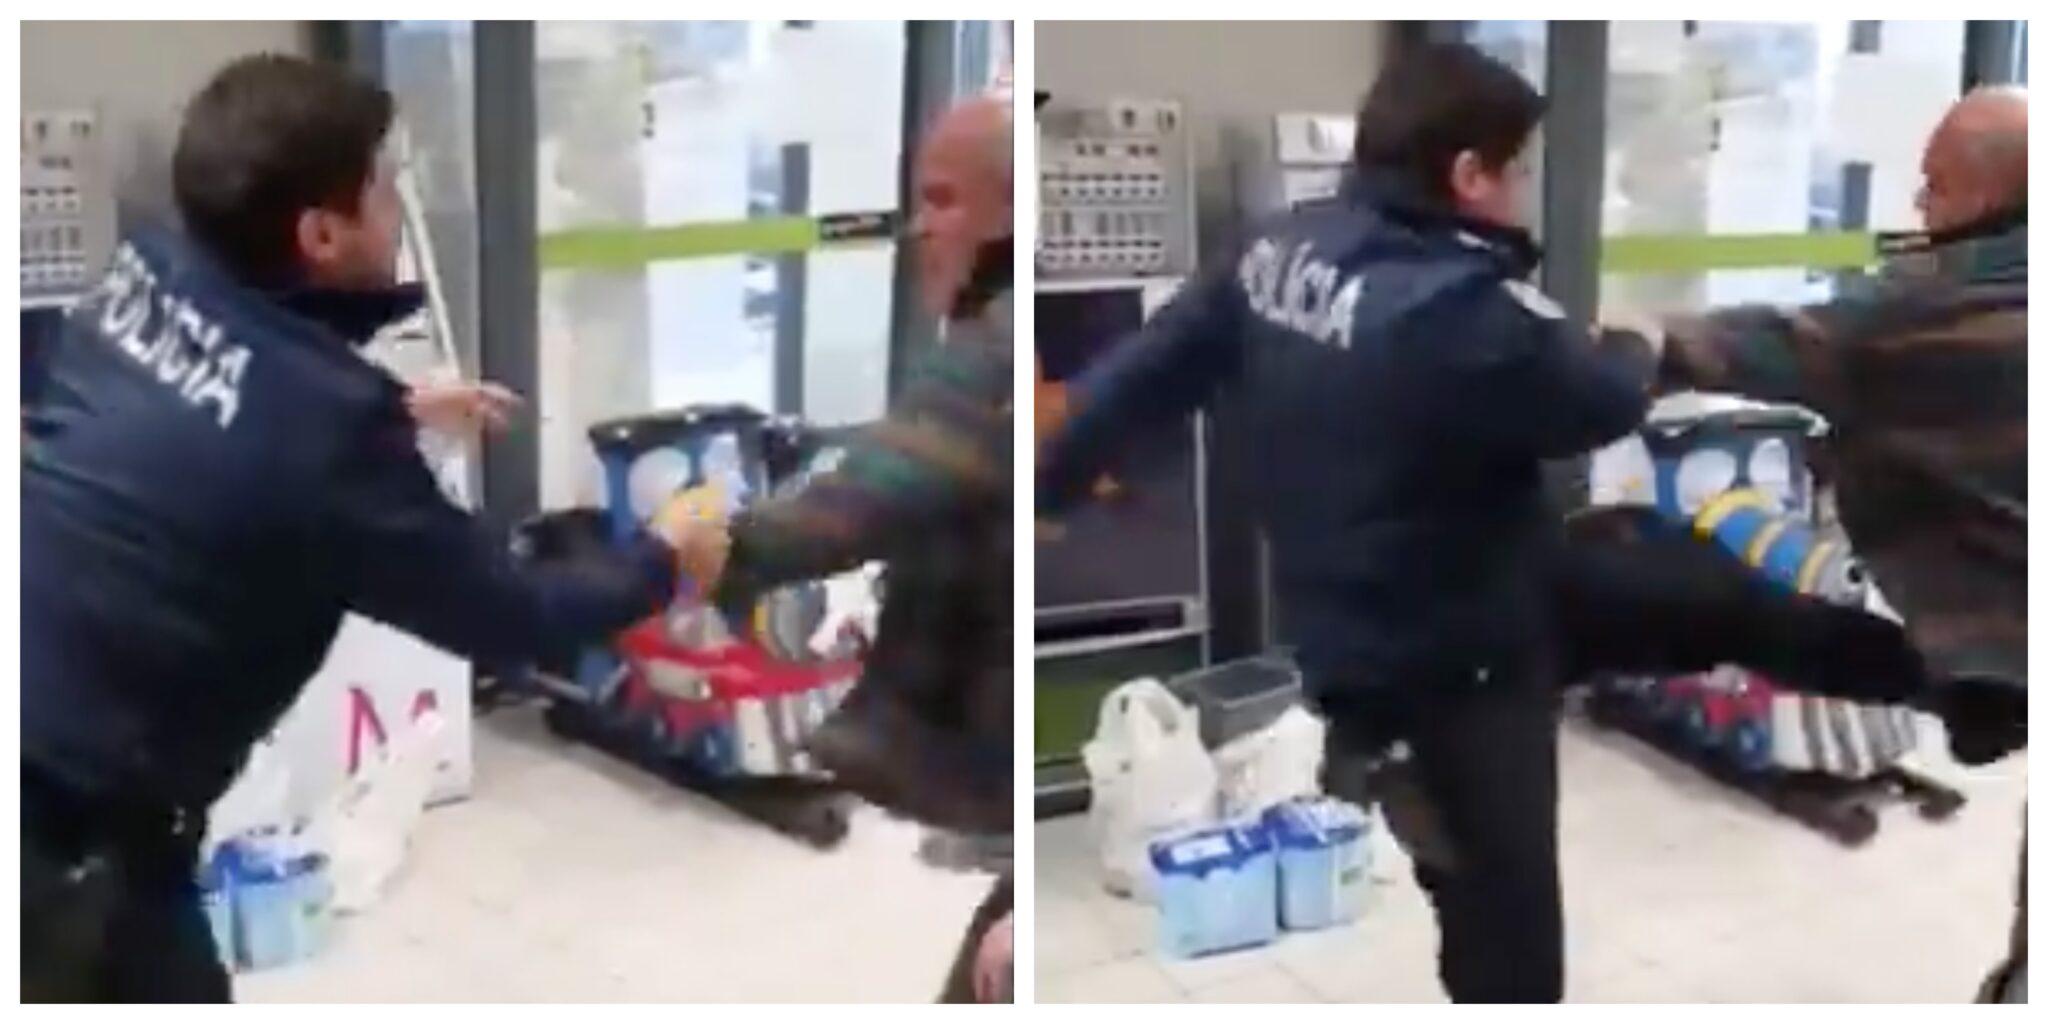 Psp Agressao Cidadao Scaled Vídeo: Agente Da Psp Agride Homem De 55 Anos Em Supermercado